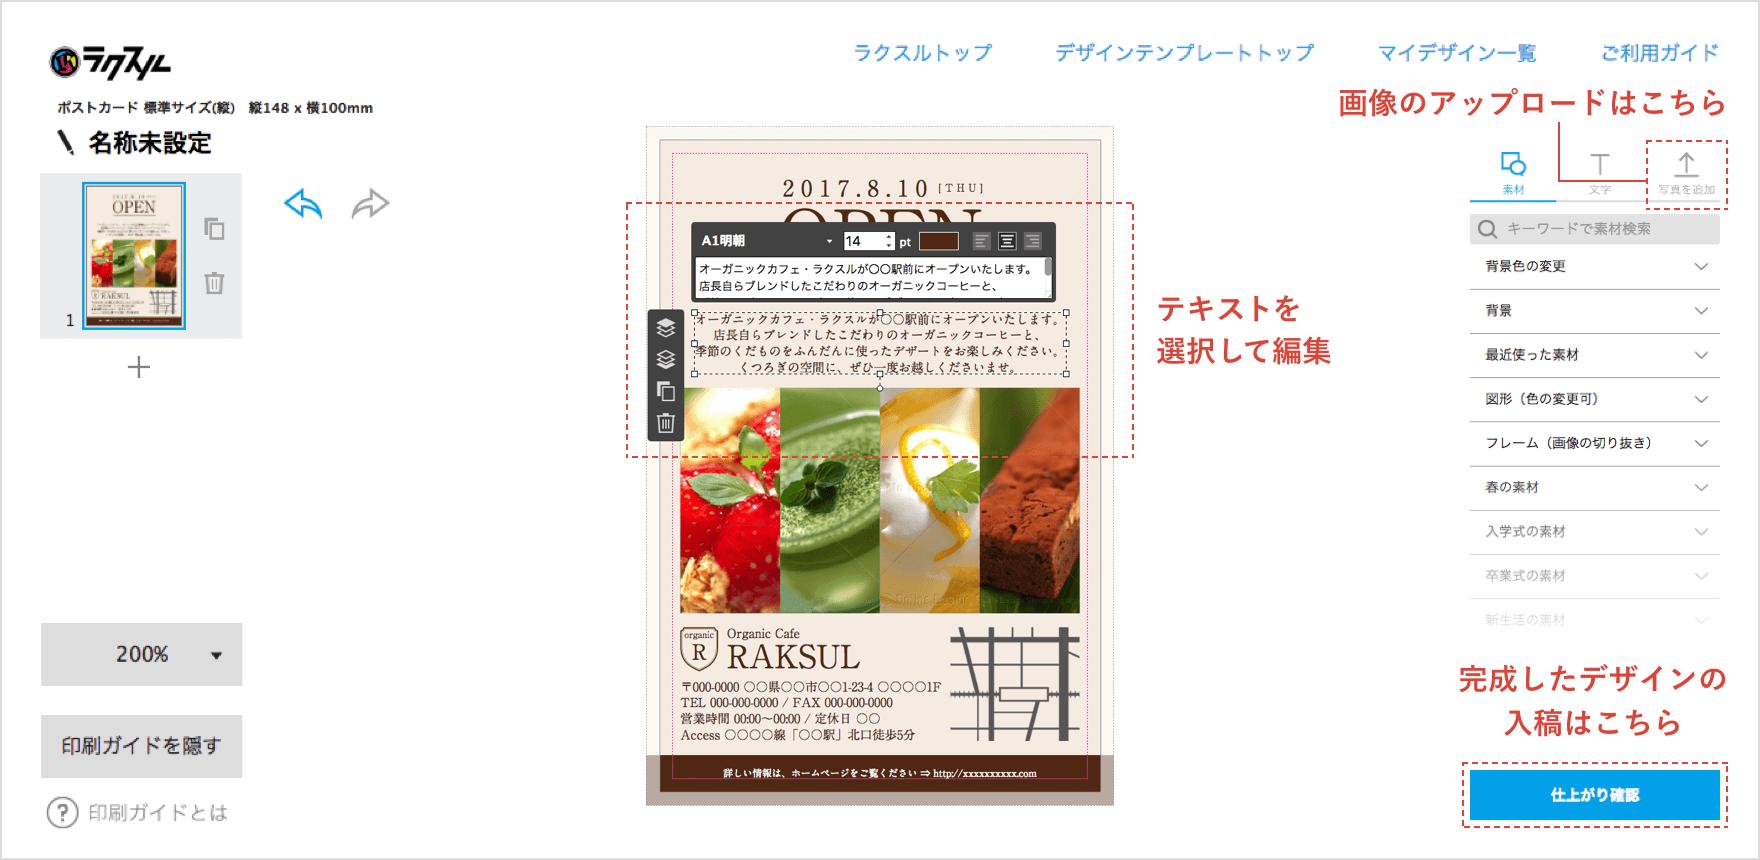 レシピ ポストカード